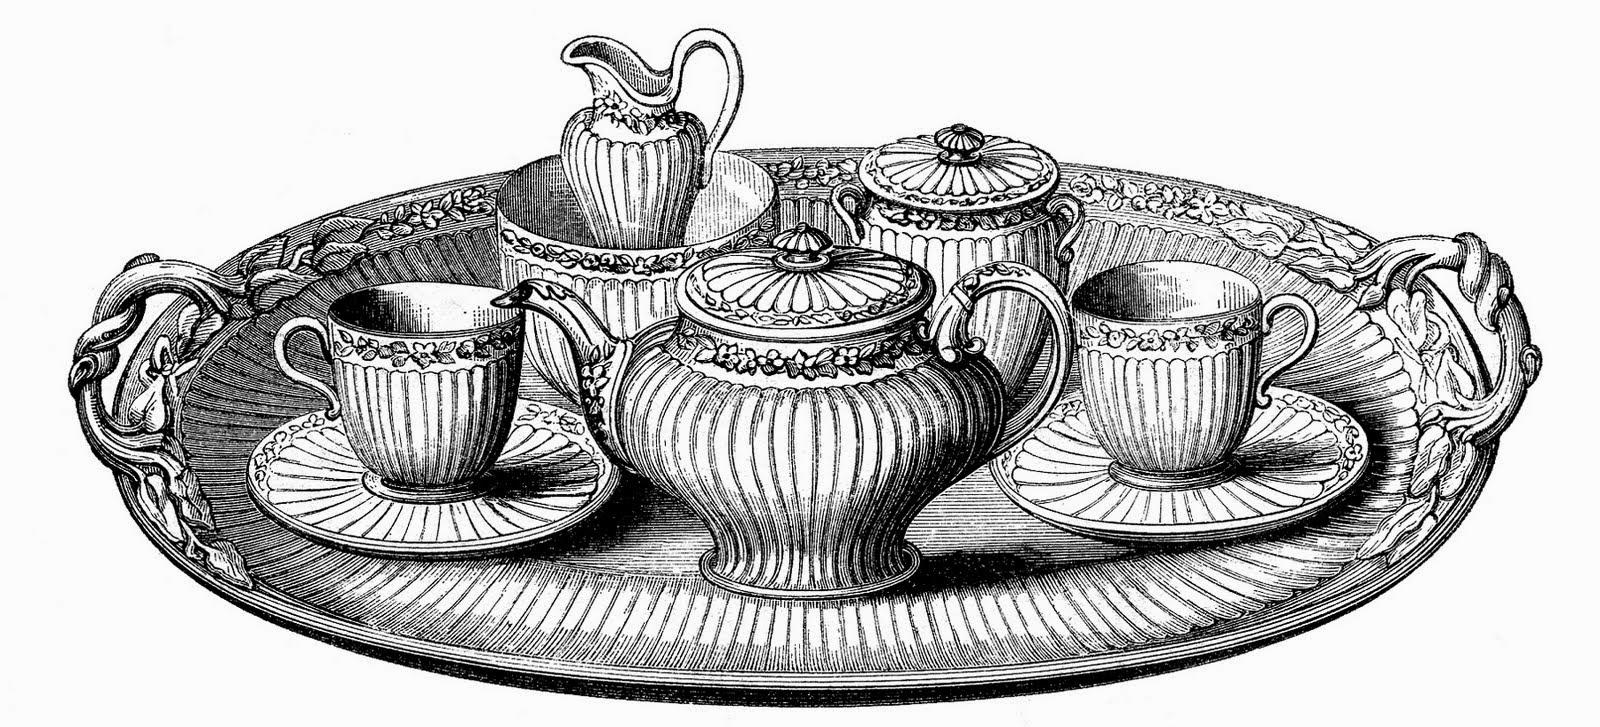 Drawn teacup tea set Ink Set Vintage Drawing Drawing